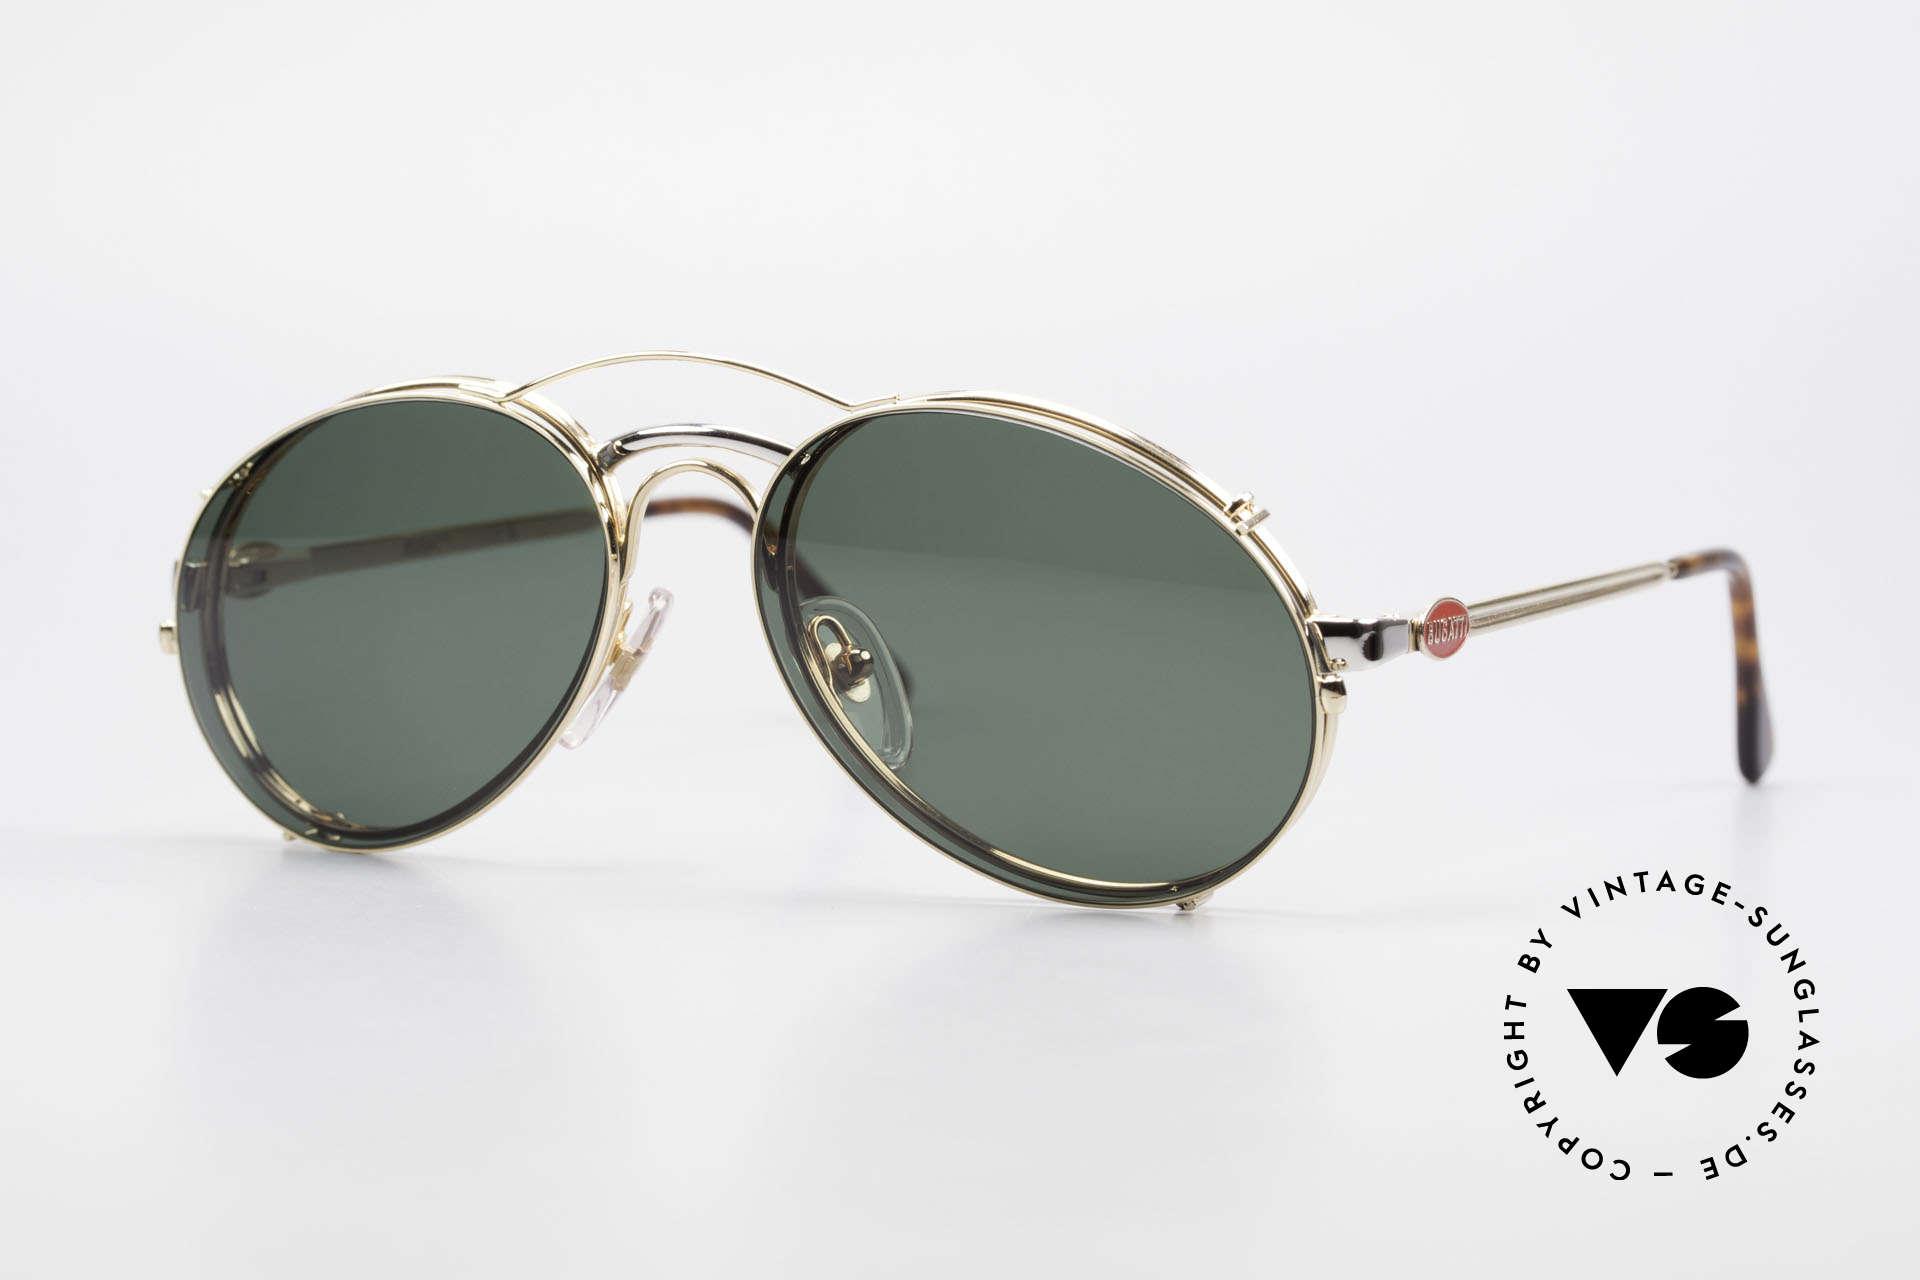 Bugatti 03308 Men's 80's Glasses With Clip On, classic Bugatti 'sunglass' design' from approx. 1989, Made for Men